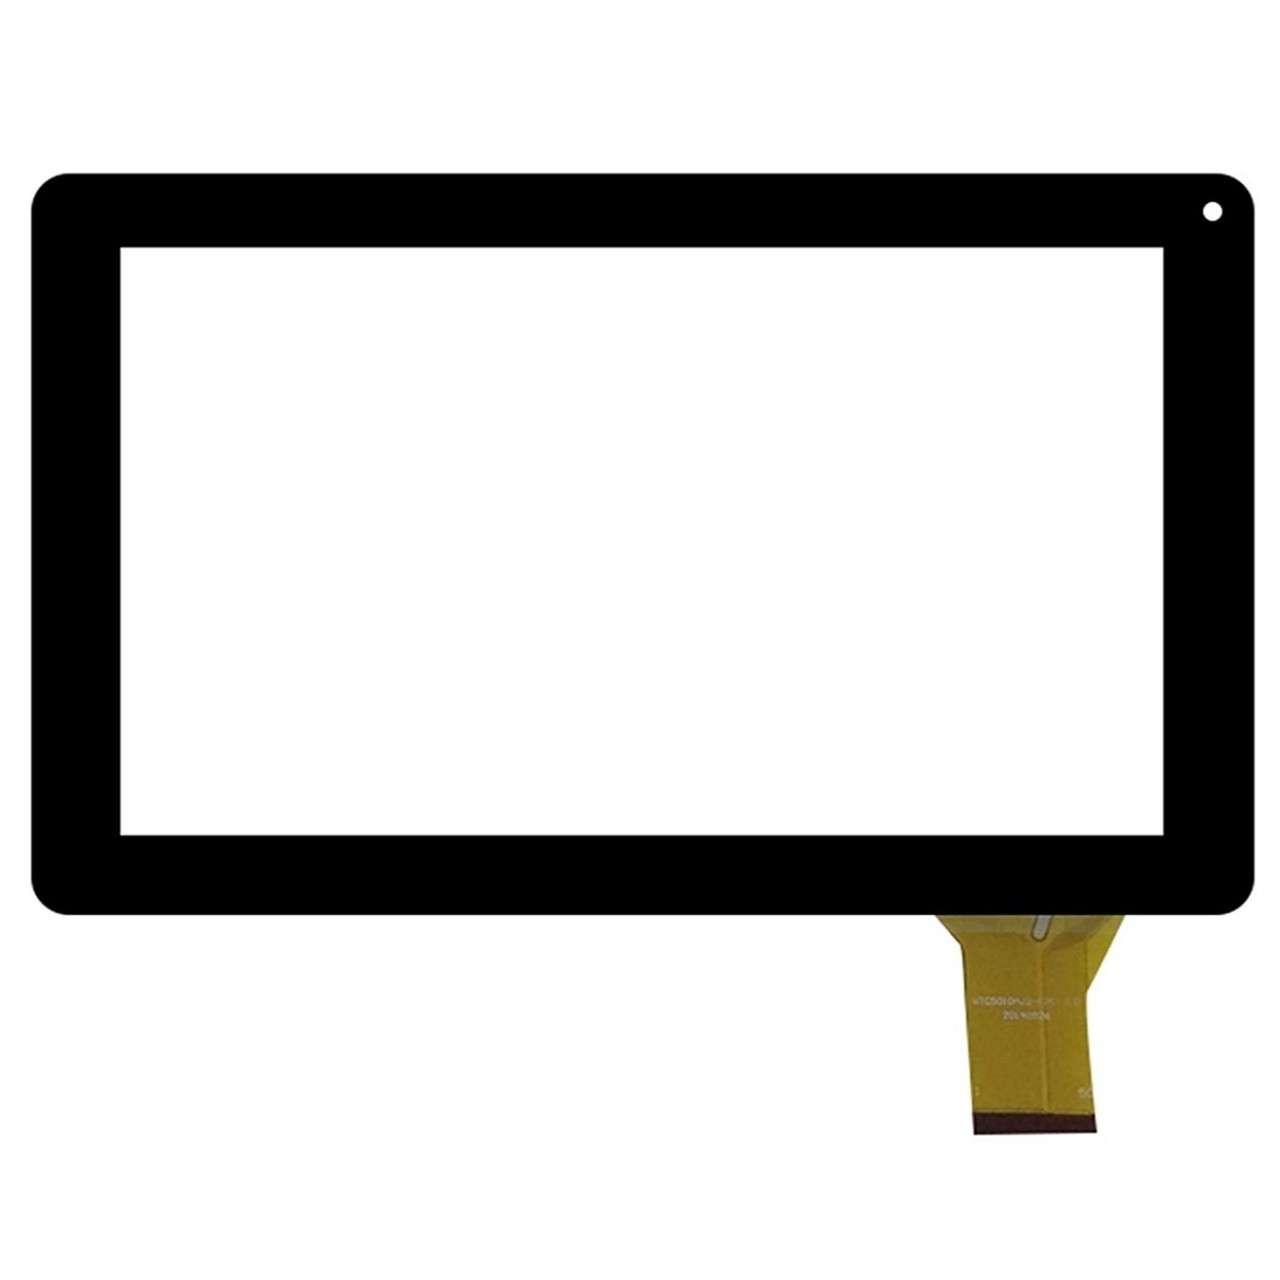 Touchscreen Digitizer iRulu X11 Geam Sticla Tableta imagine powerlaptop.ro 2021